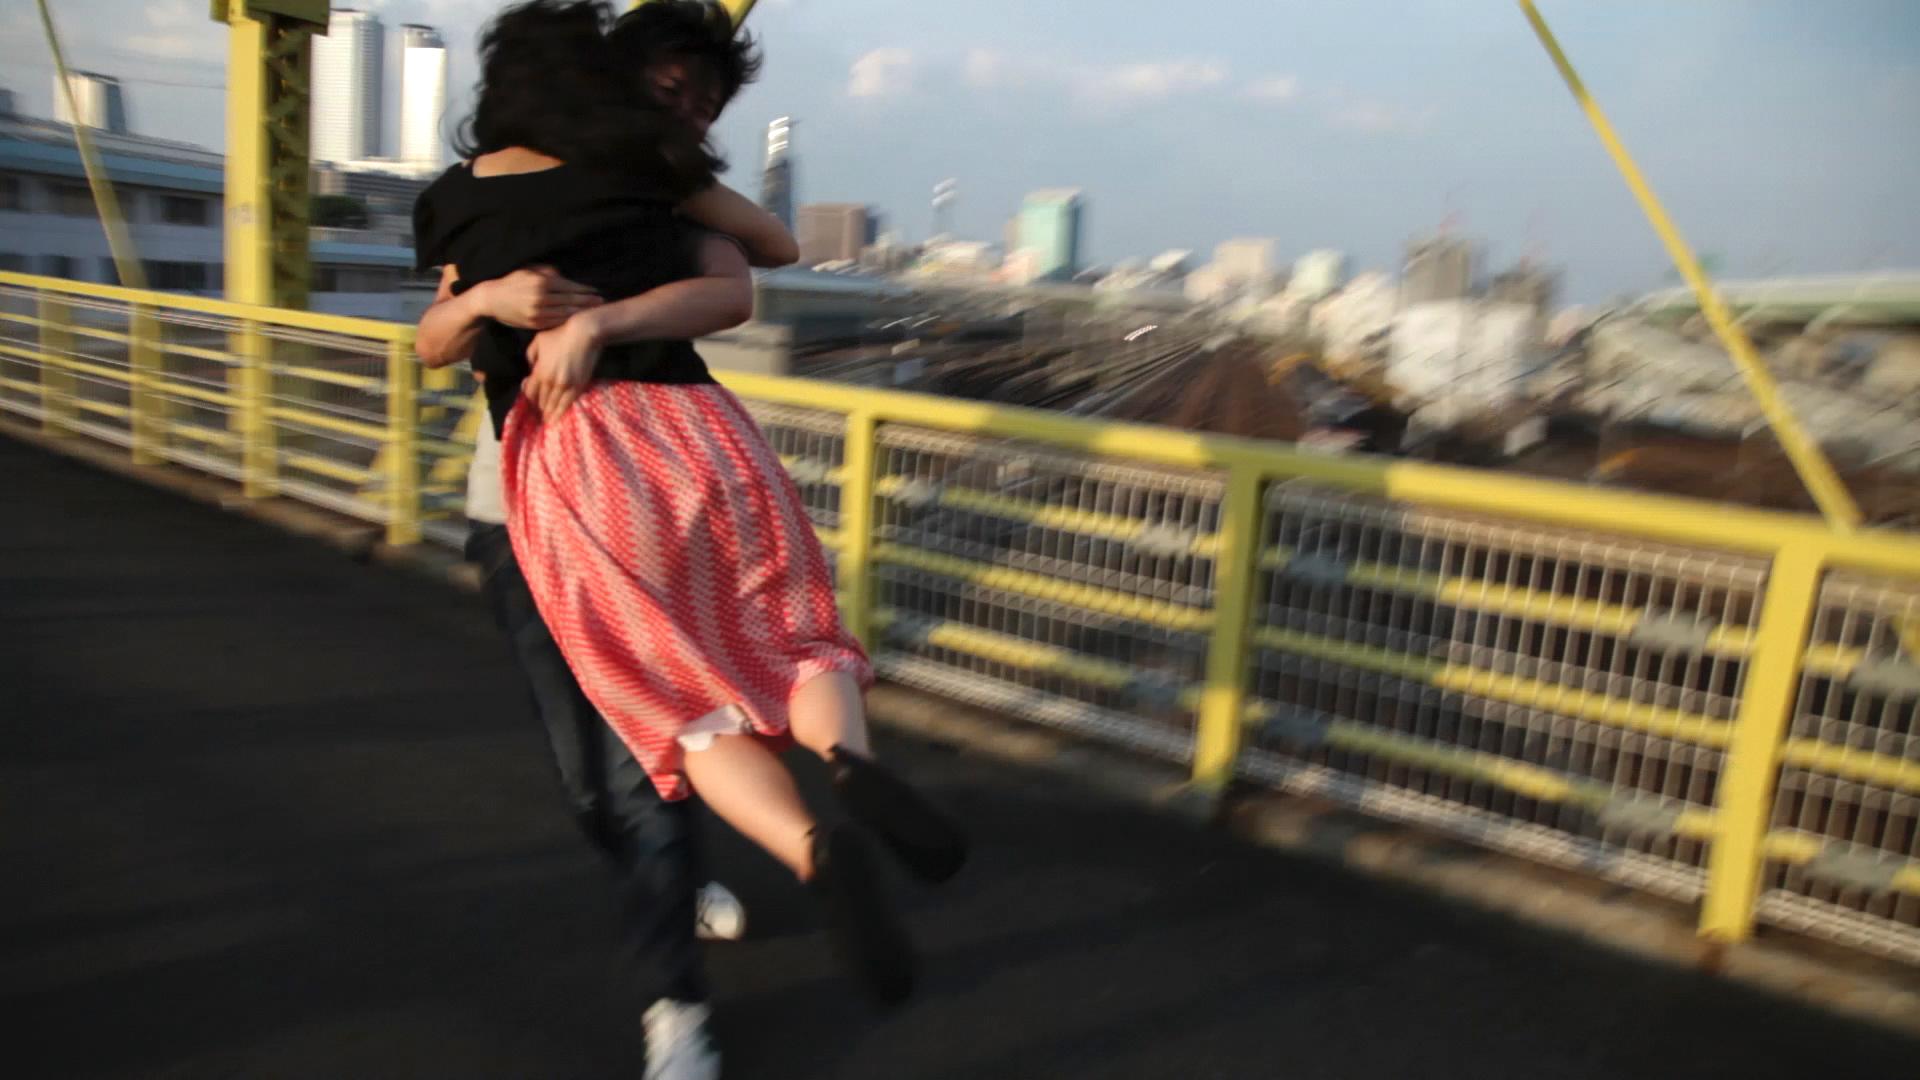 【監督】311「明日」仙台短篇映画祭映画制作プロジェクト